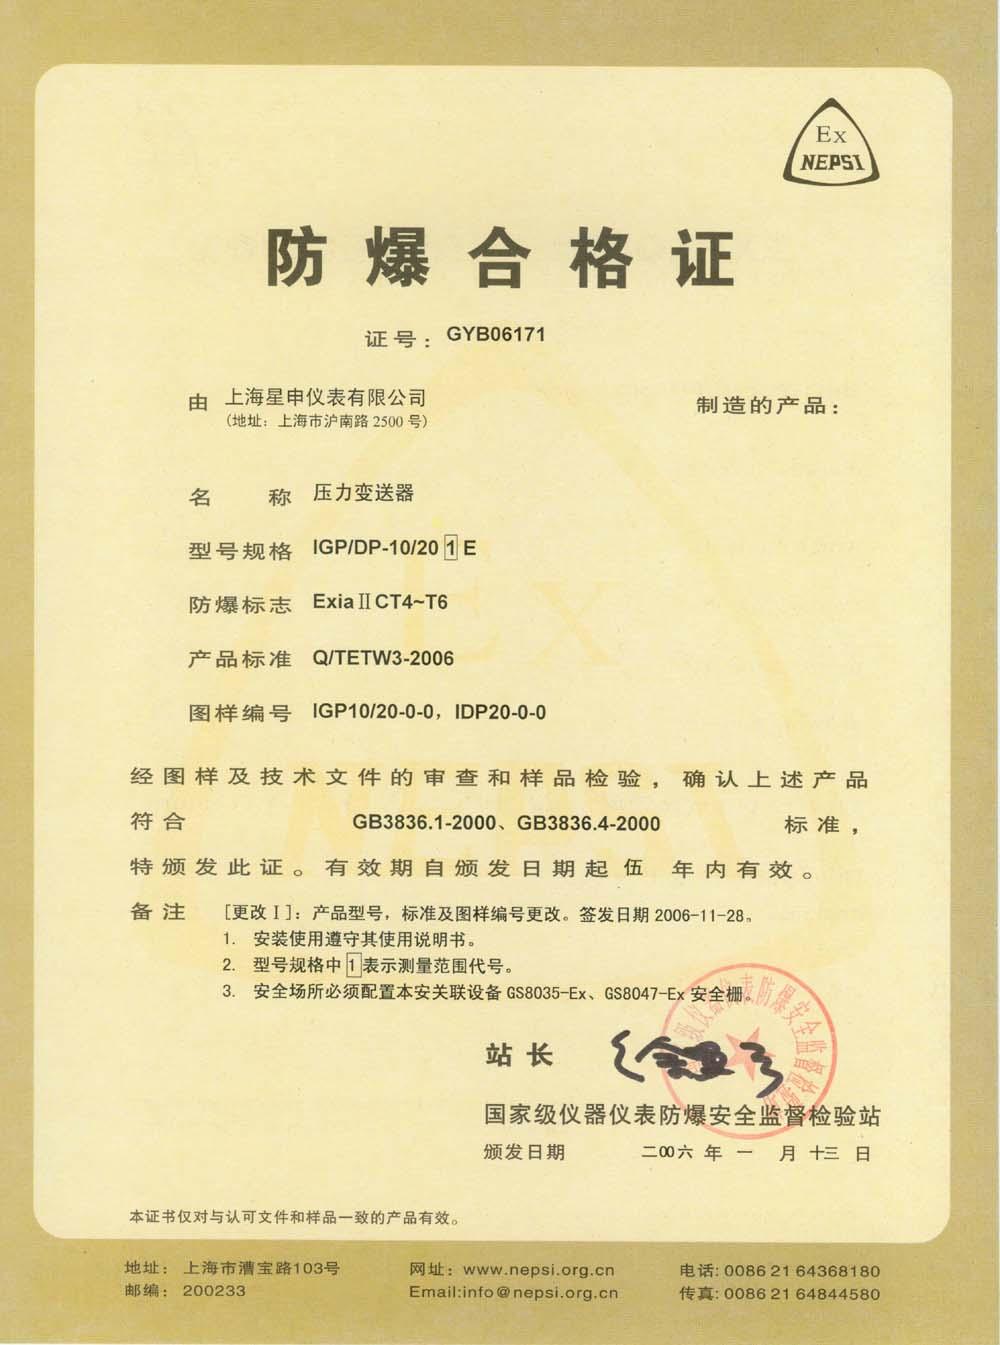 防爆合格证(本安型)-IGP-DP(GYB06171)